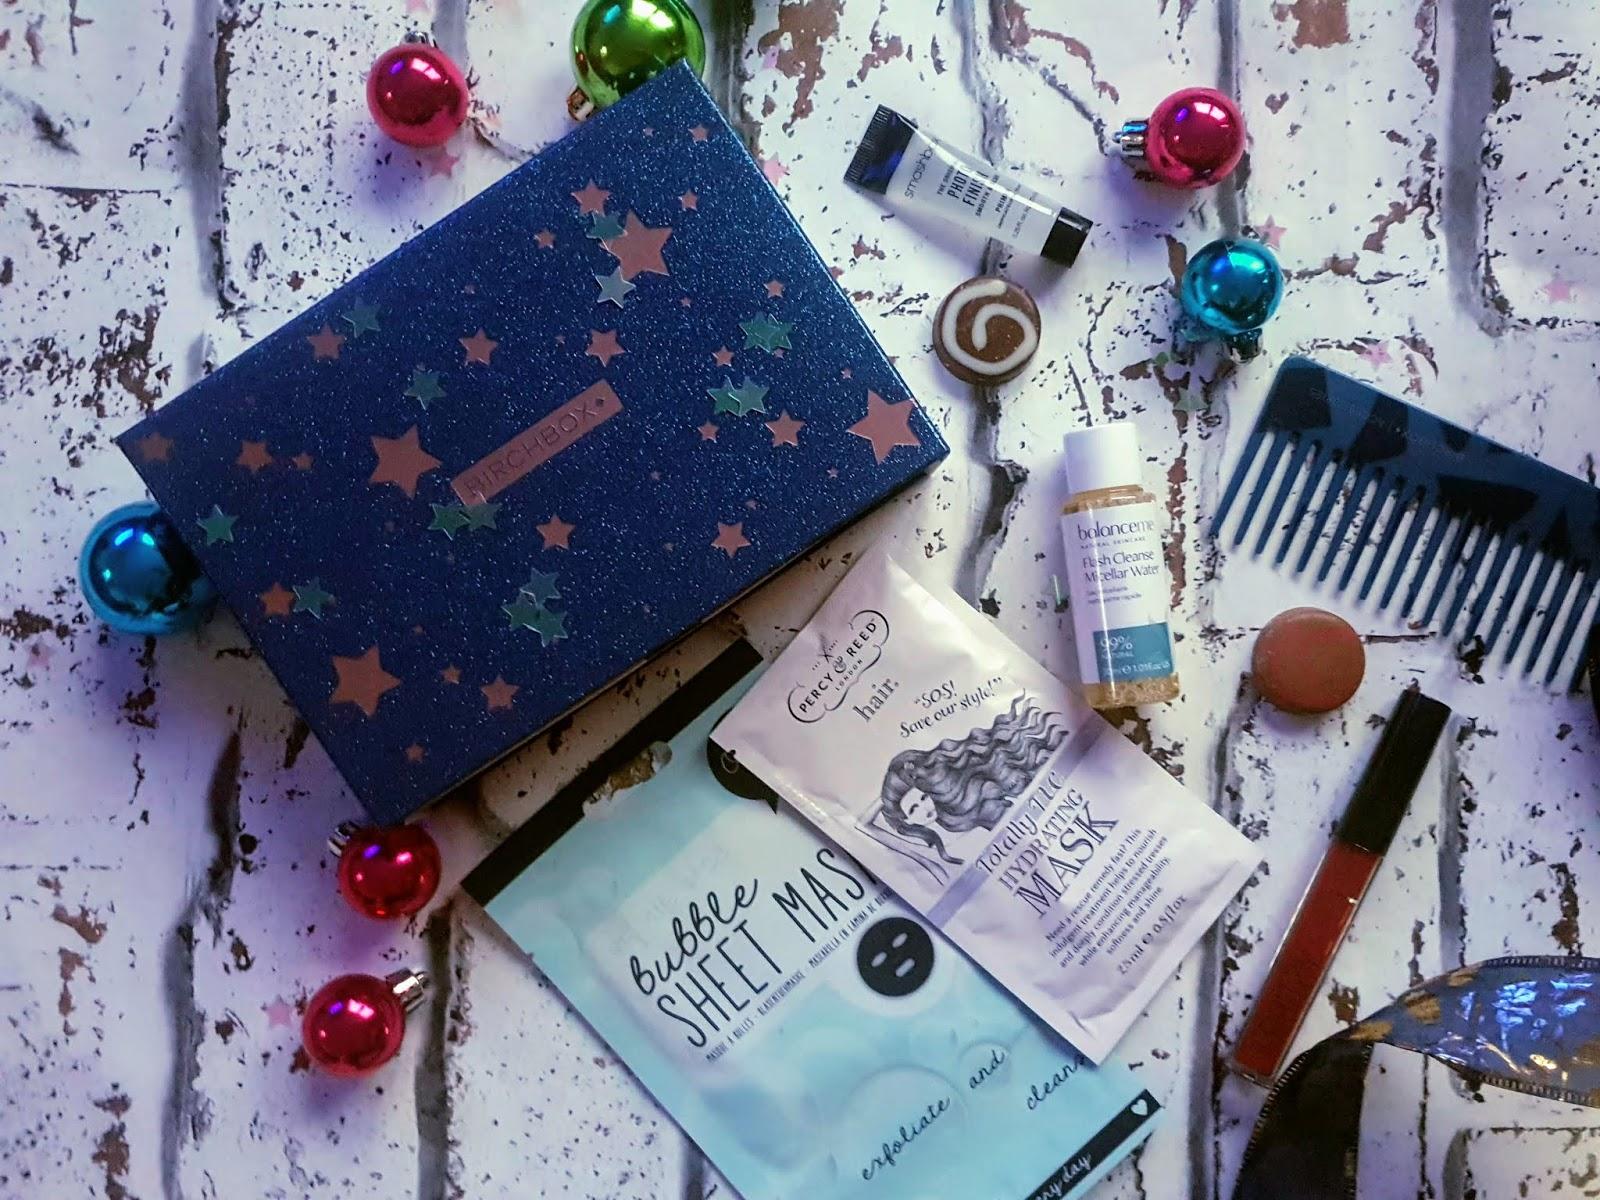 Birchbox December 2018 review